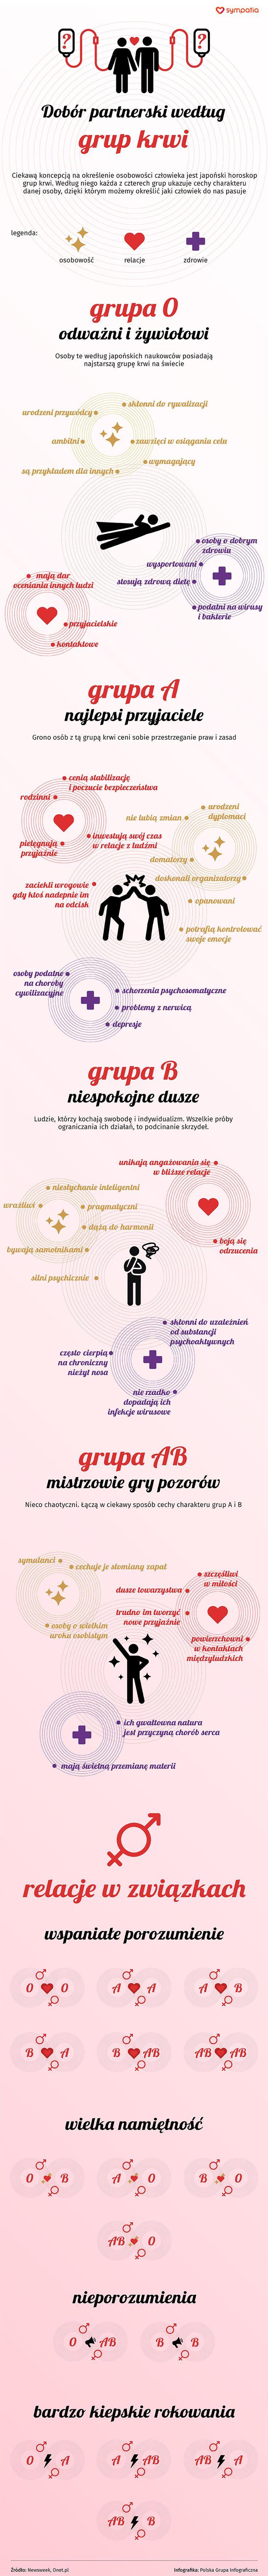 Dobór partnerski według grup krwi